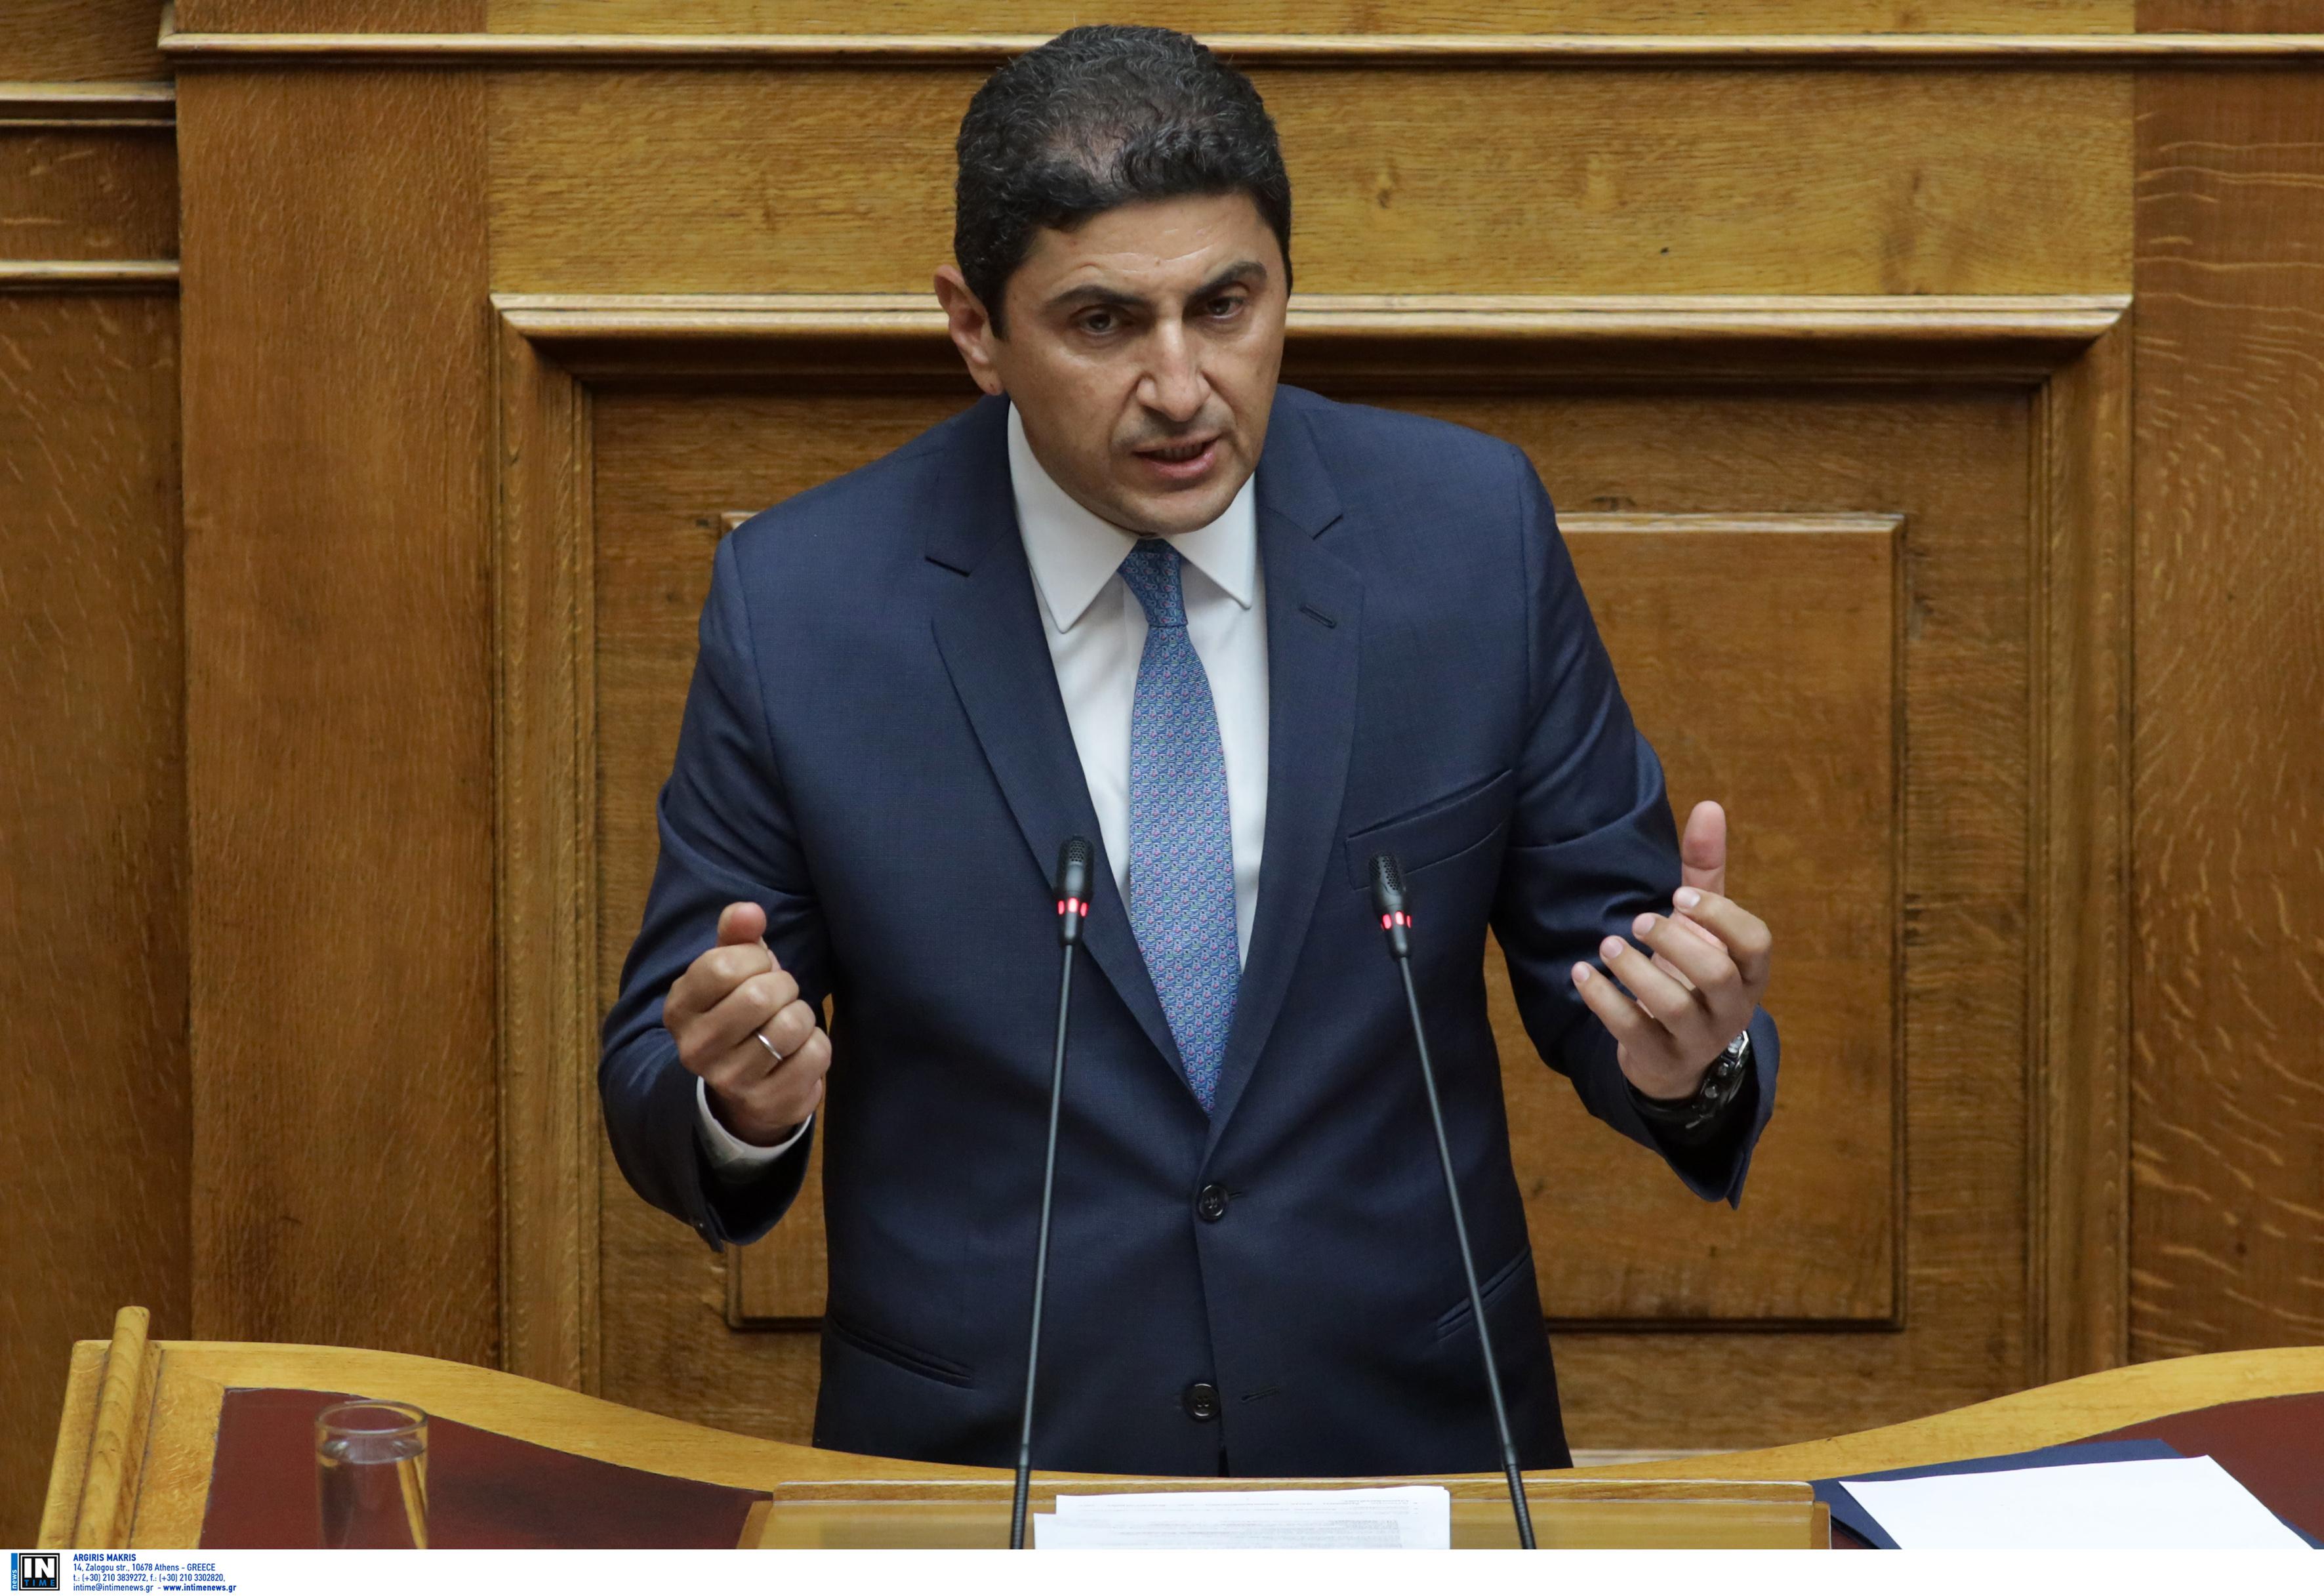 Ο Λευτέρης Αυγενάκης επαναφέρει το θέμα της αναστολής των ερασιτεχνικών πρωταθλημάτων